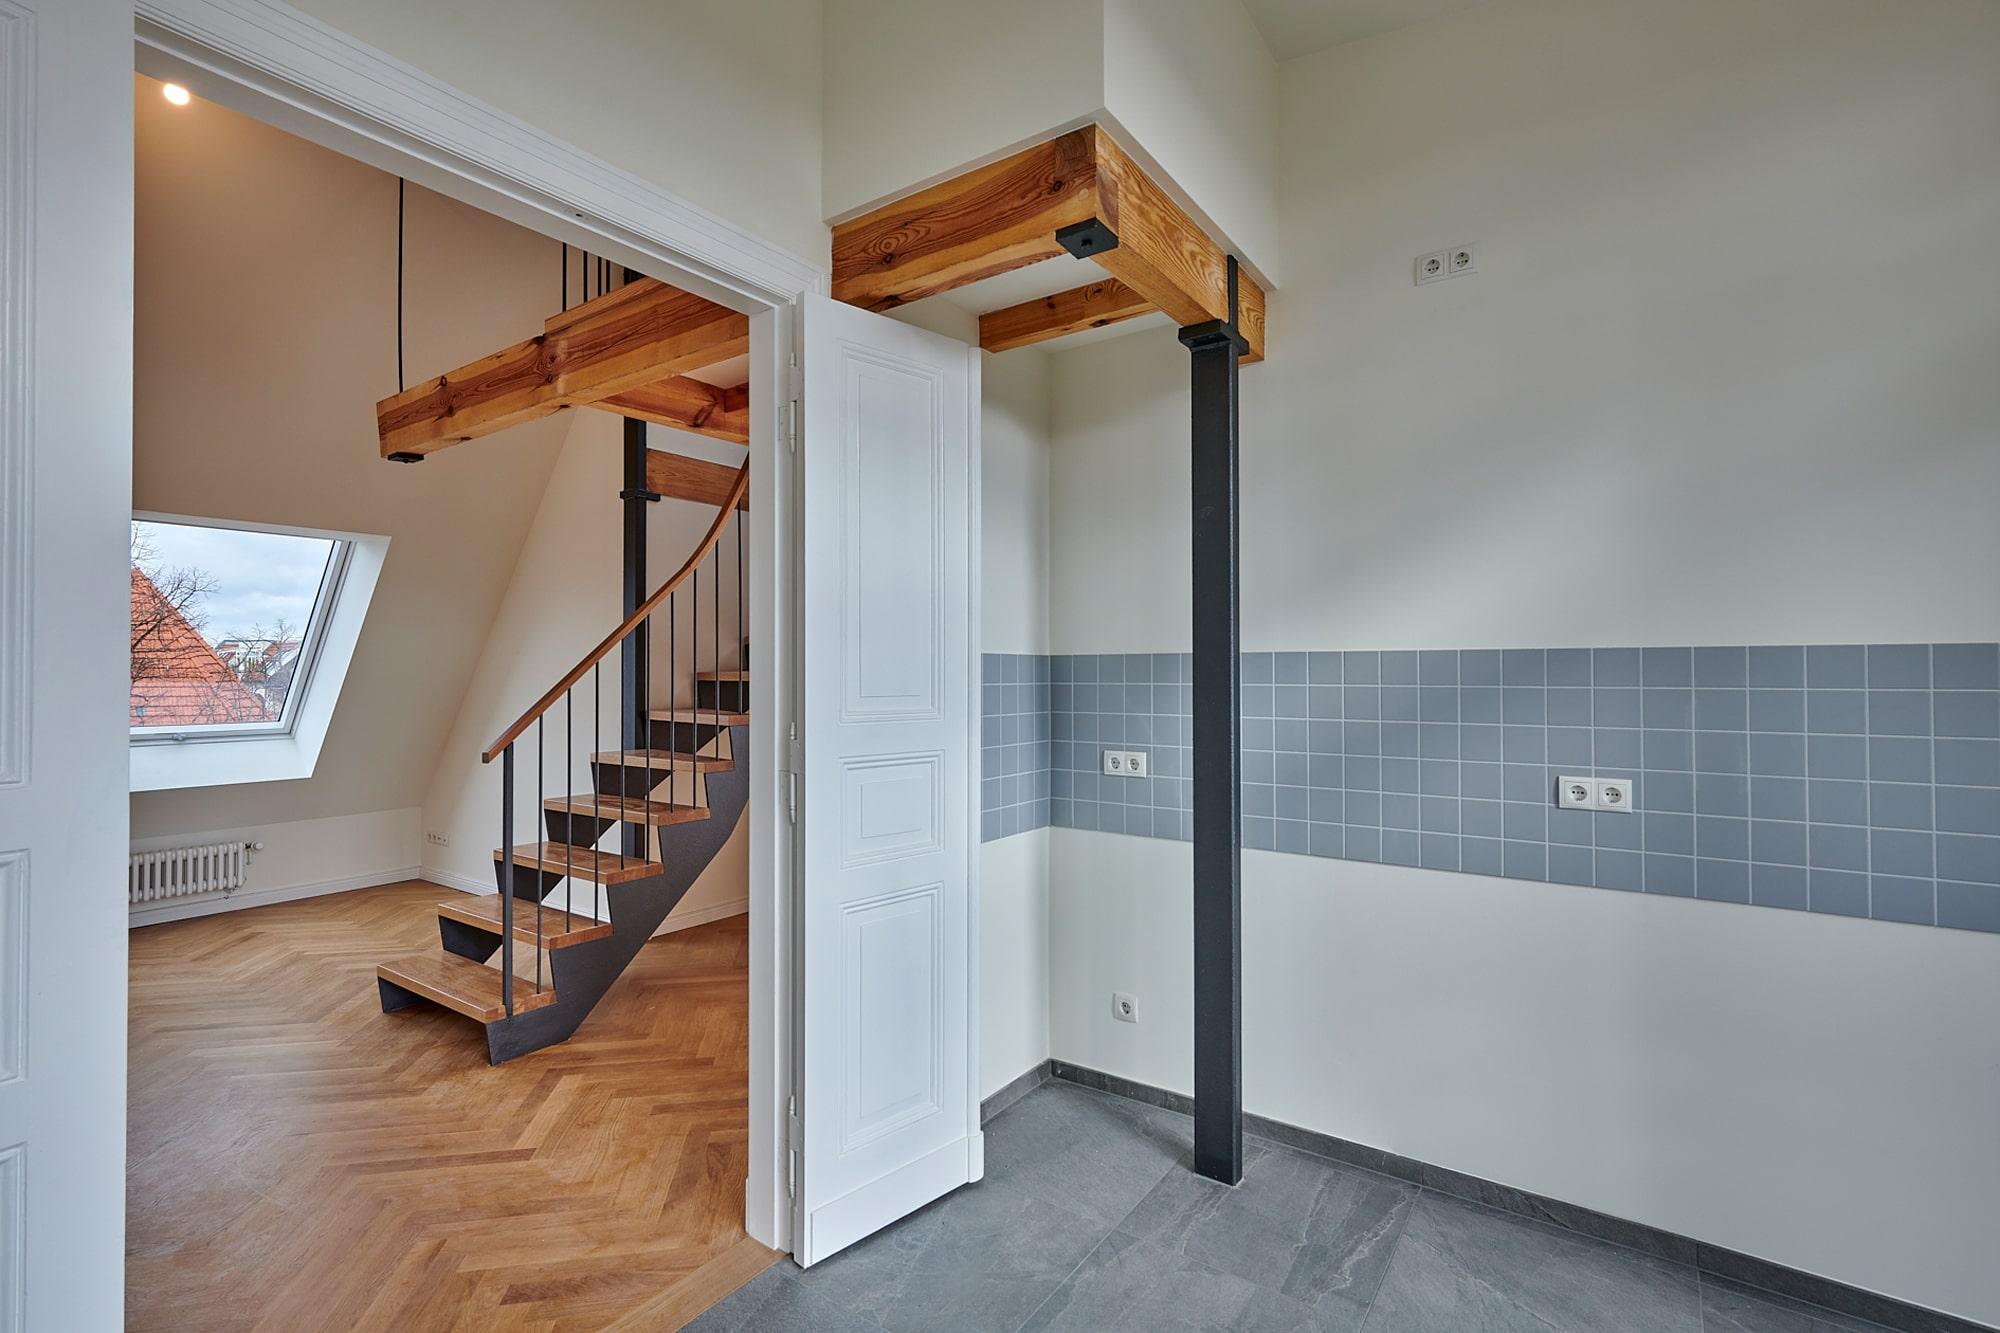 Gabriele Riesner, Architektin, Berlin, Dachgeschossausbau eines Mietshauses in Berlin-Steglitz, Küche/Wohnraum